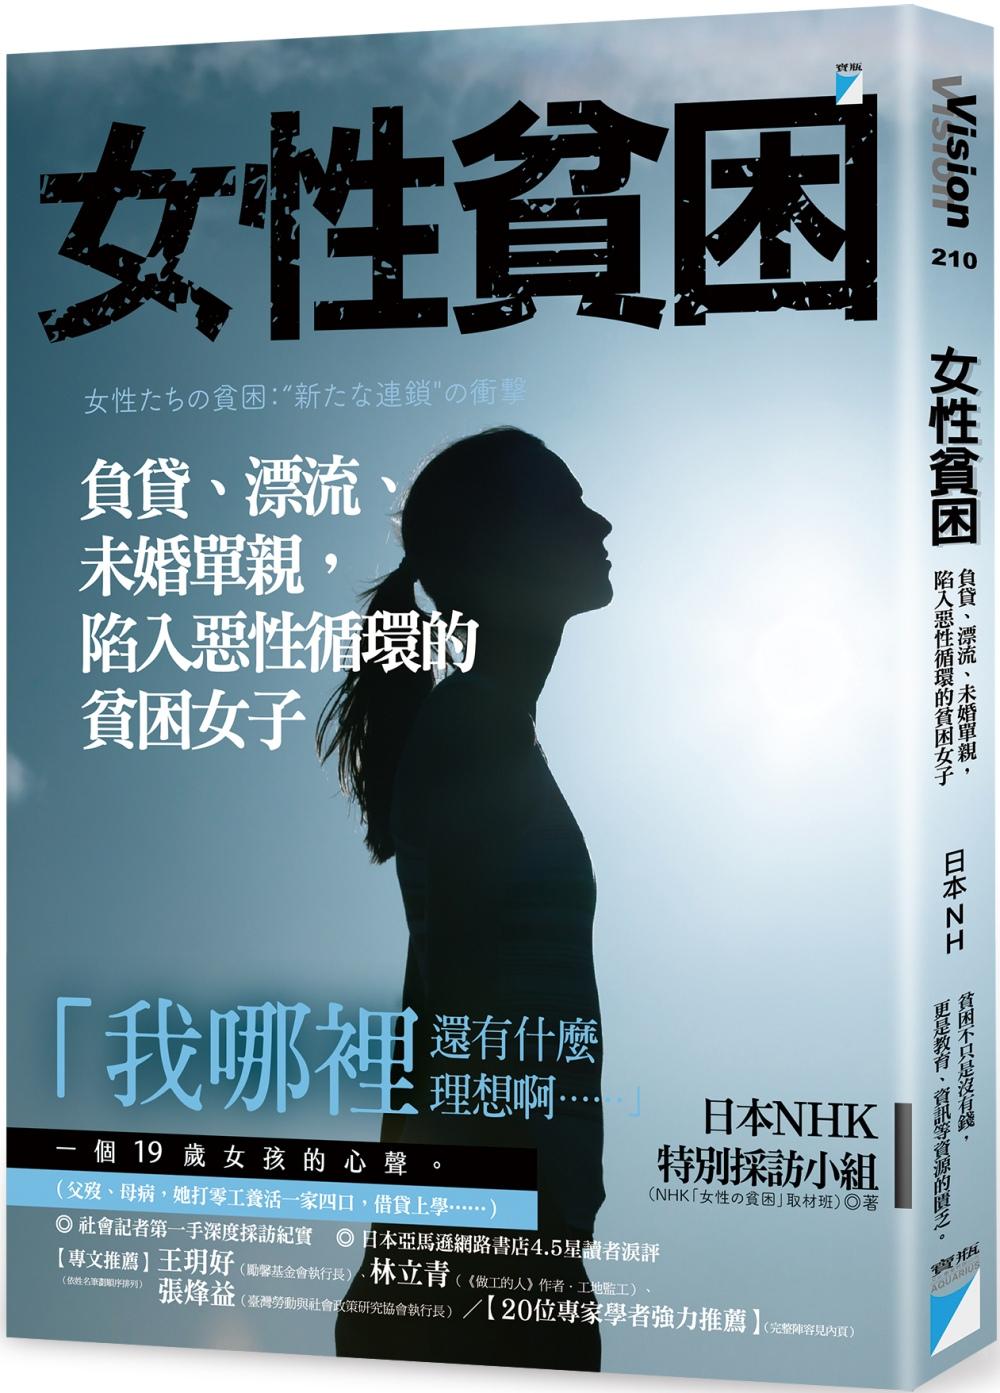 女性貧困:負貸、漂流、未婚單親,陷入惡性循環的貧困女子